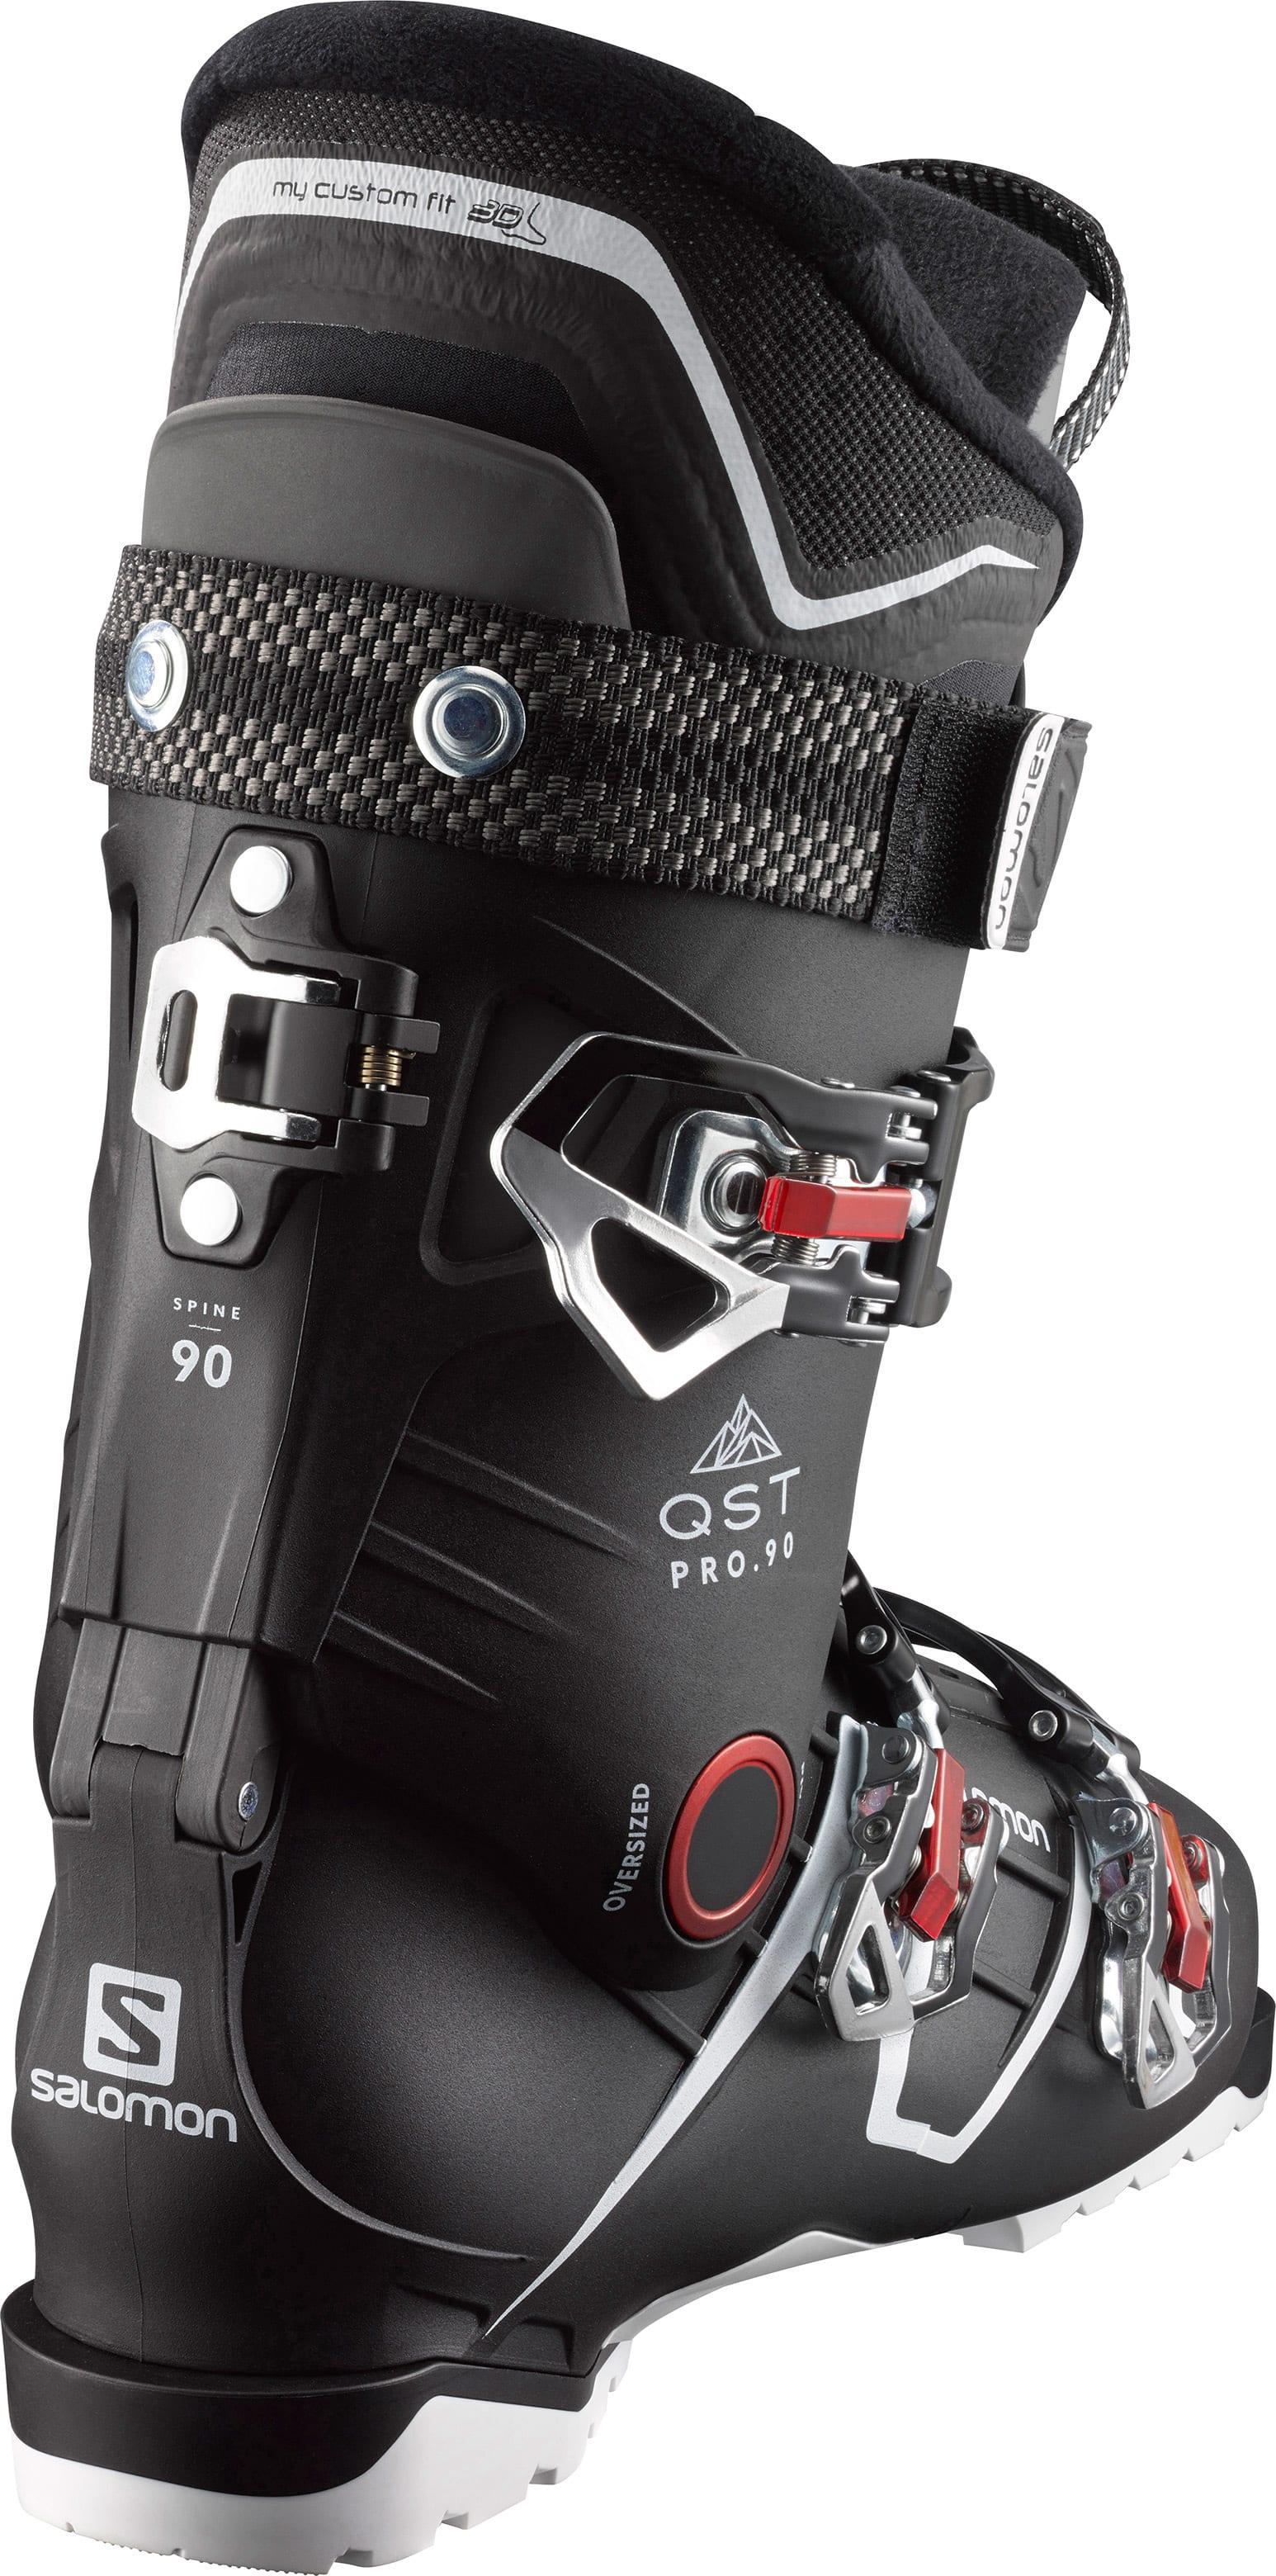 Salomon Qst Pro 90 Ski Boots